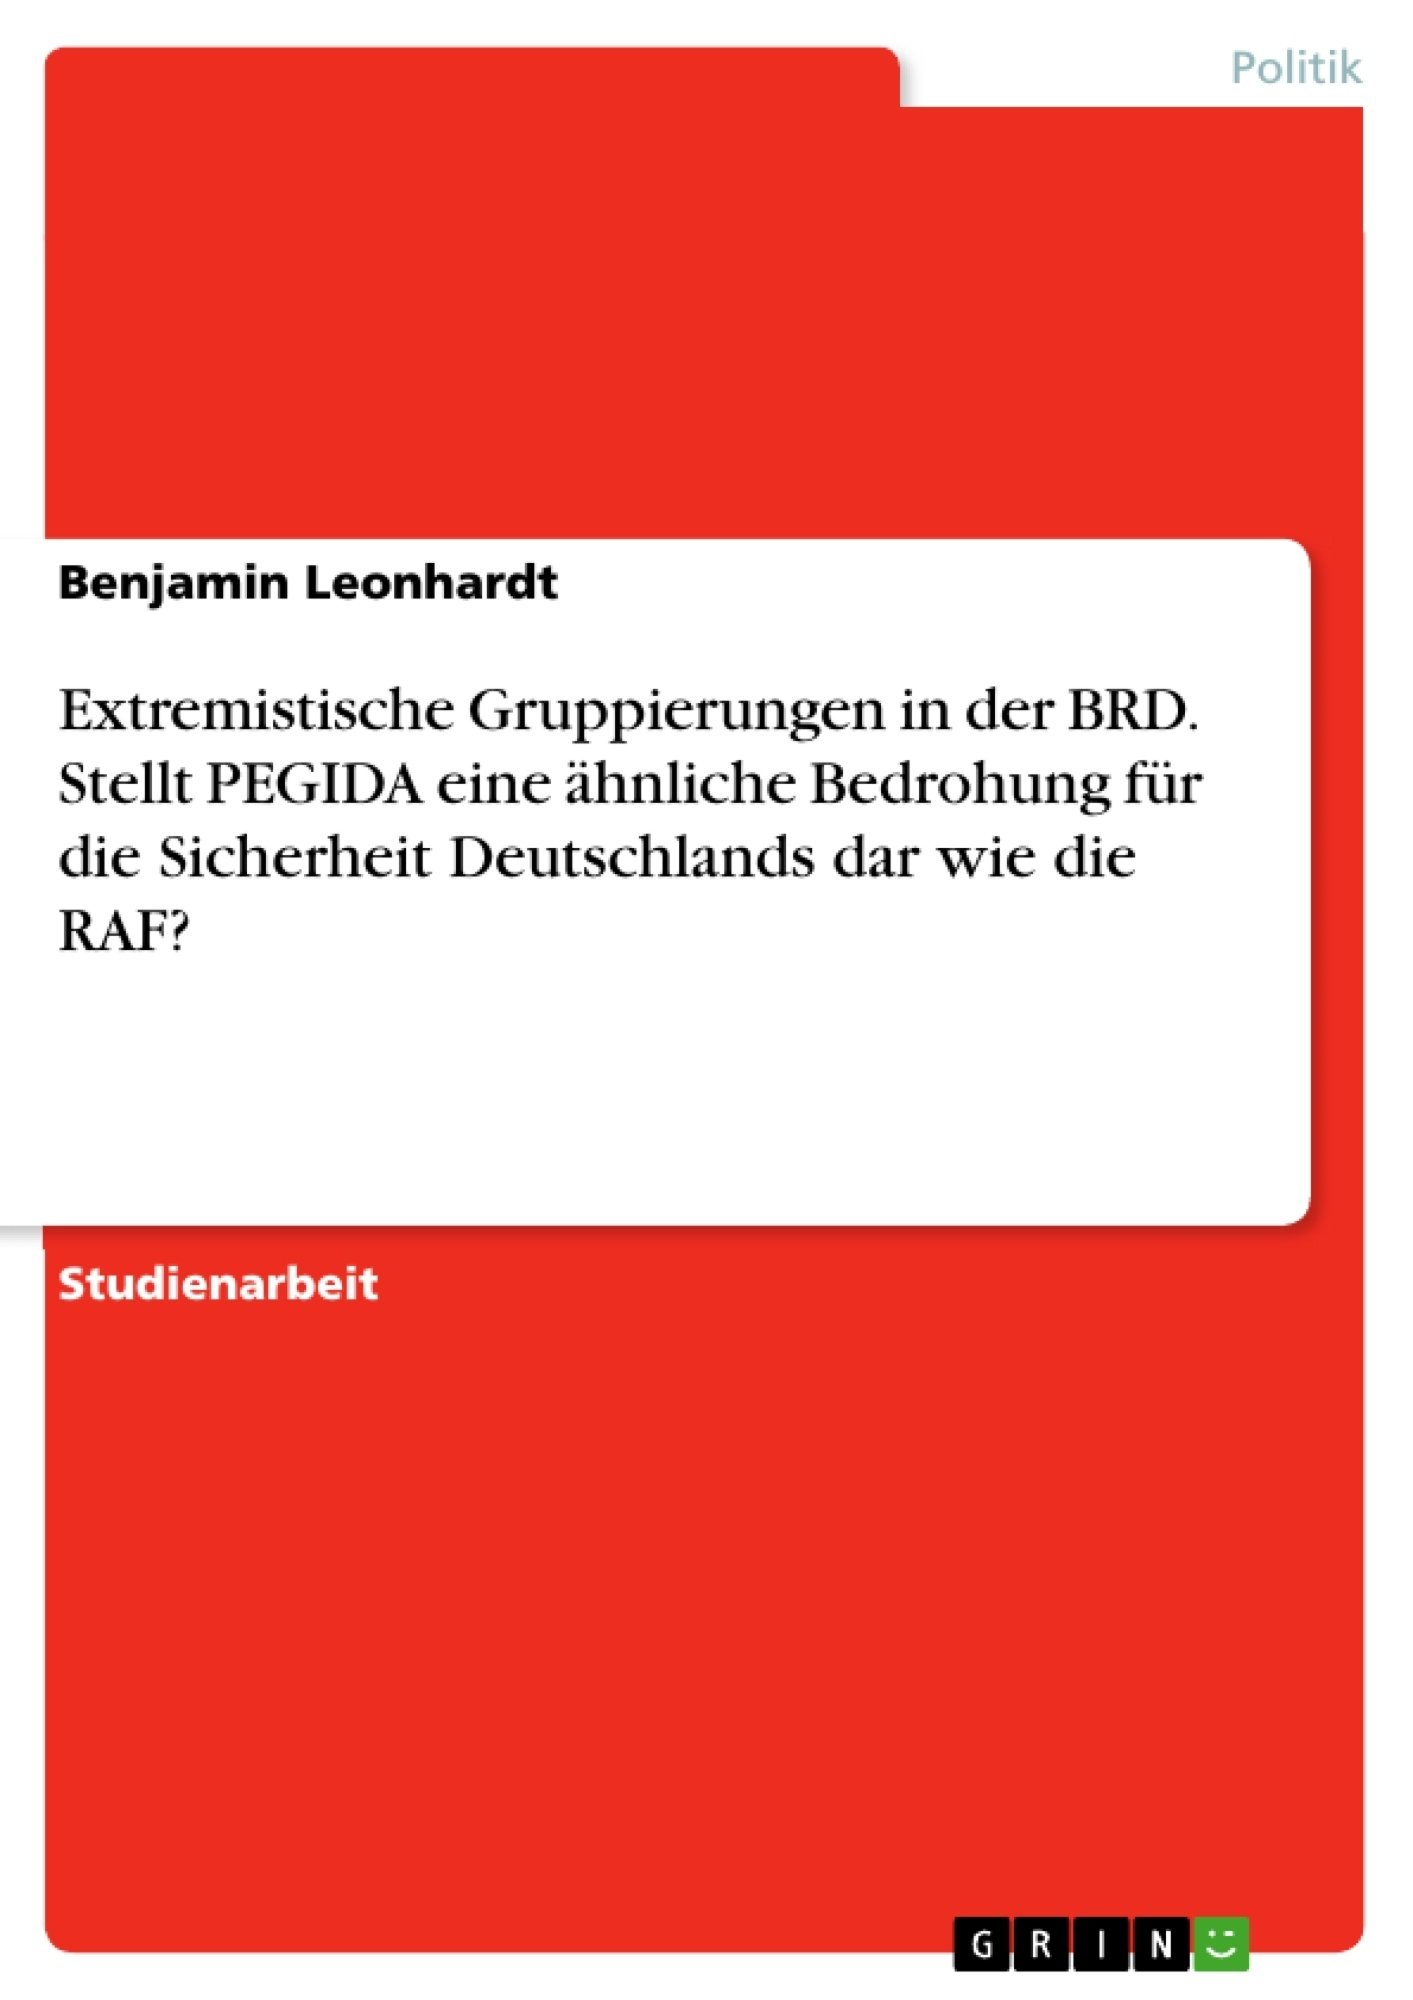 Titel: Extremistische Gruppierungen in der BRD. Stellt PEGIDA eine ähnliche Bedrohung für die Sicherheit Deutschlands dar wie die RAF?